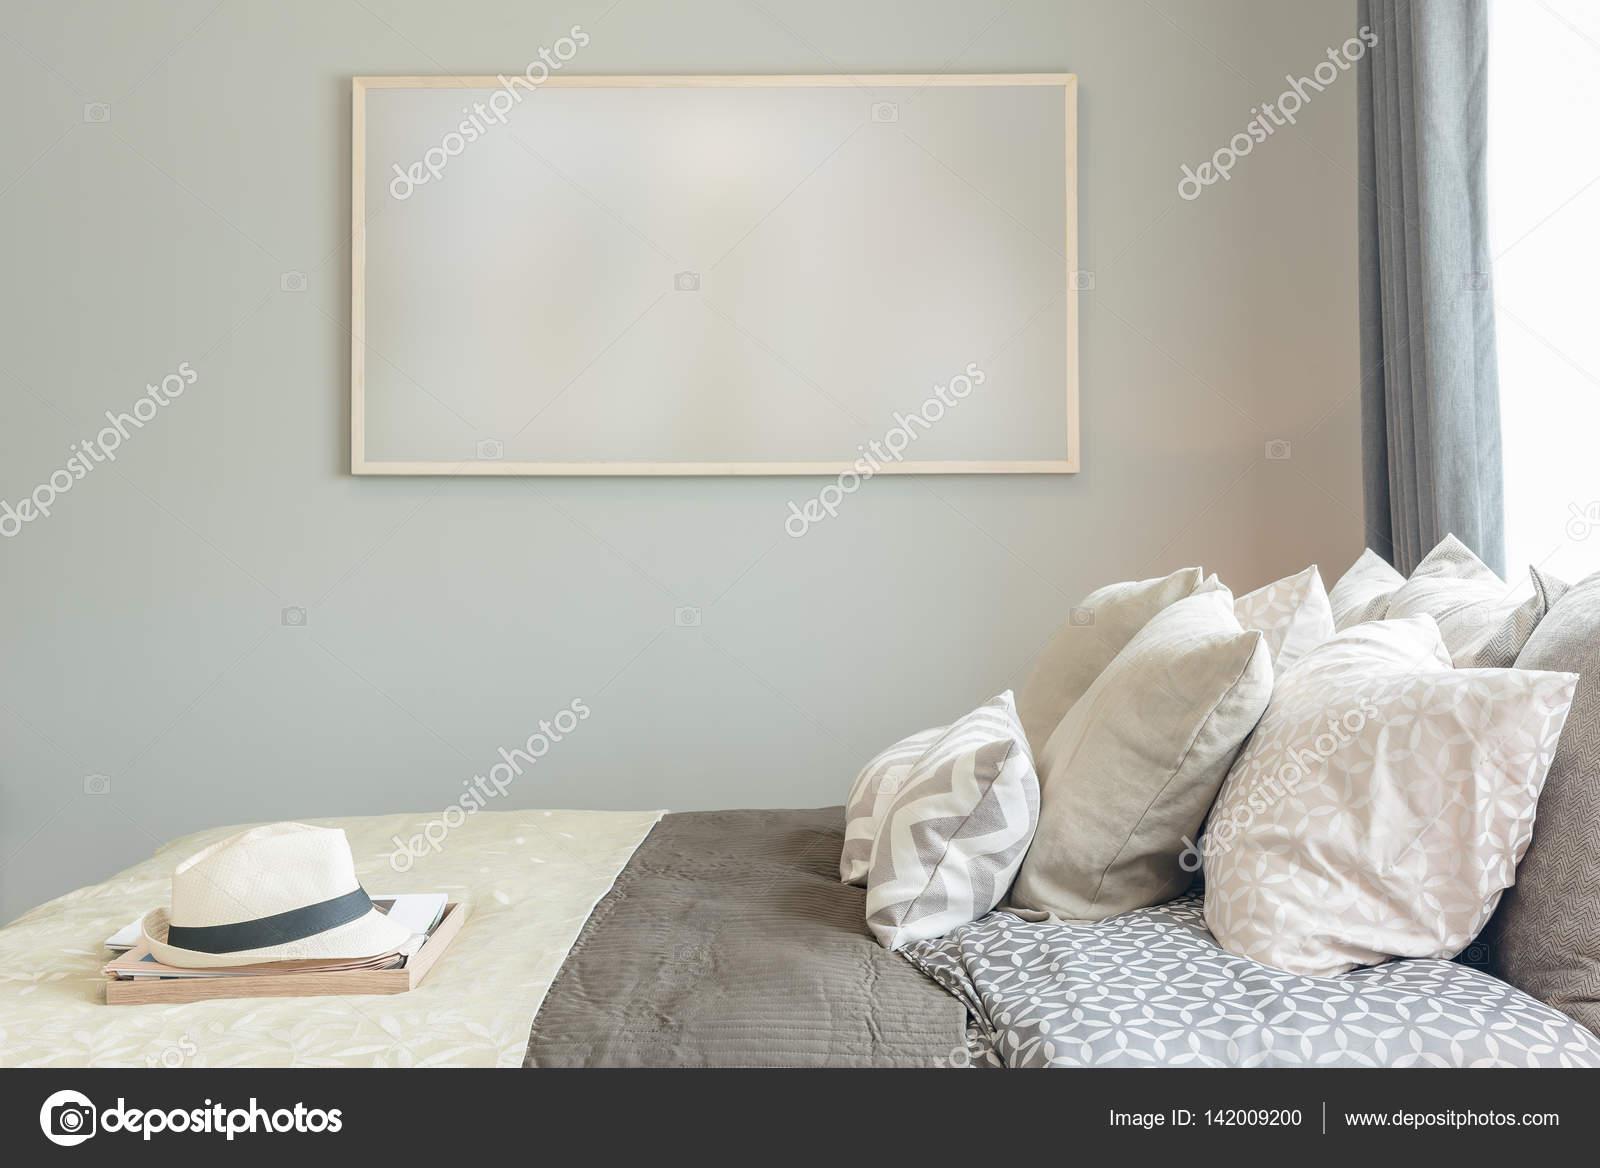 Bilderrahmen An Der Wand Im Gemutlichen Schlafzimmer Stockfoto